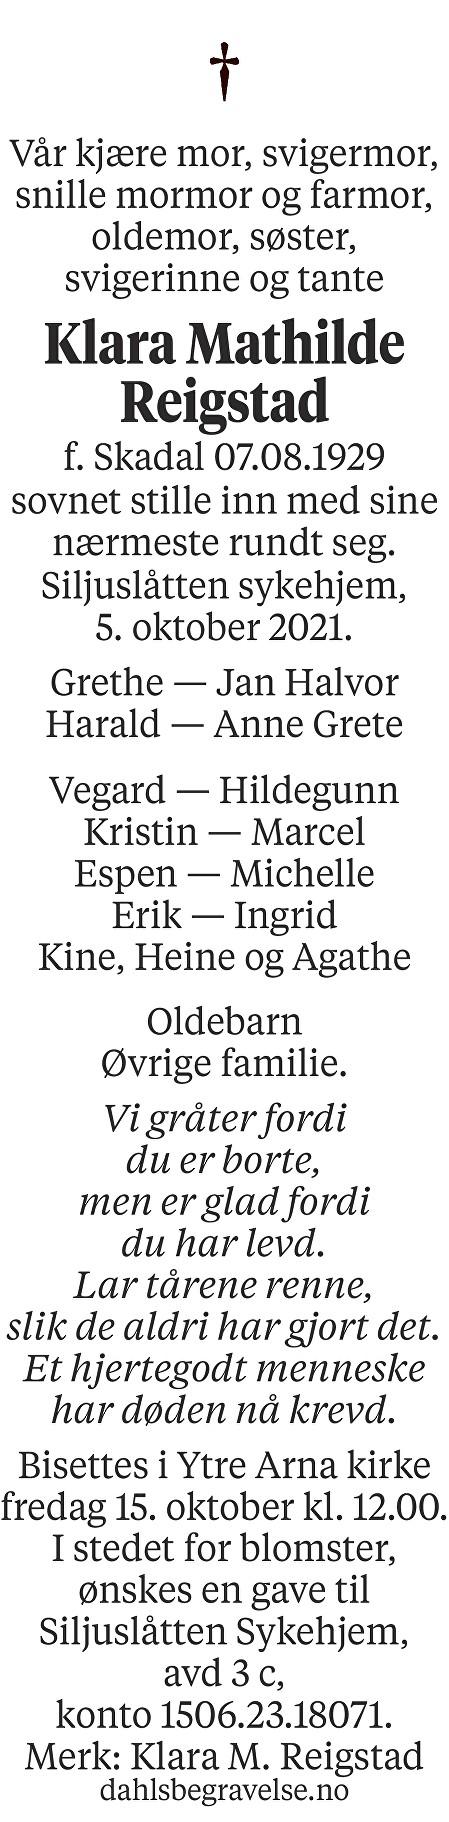 Klara Mathilde Reigstad Dødsannonse